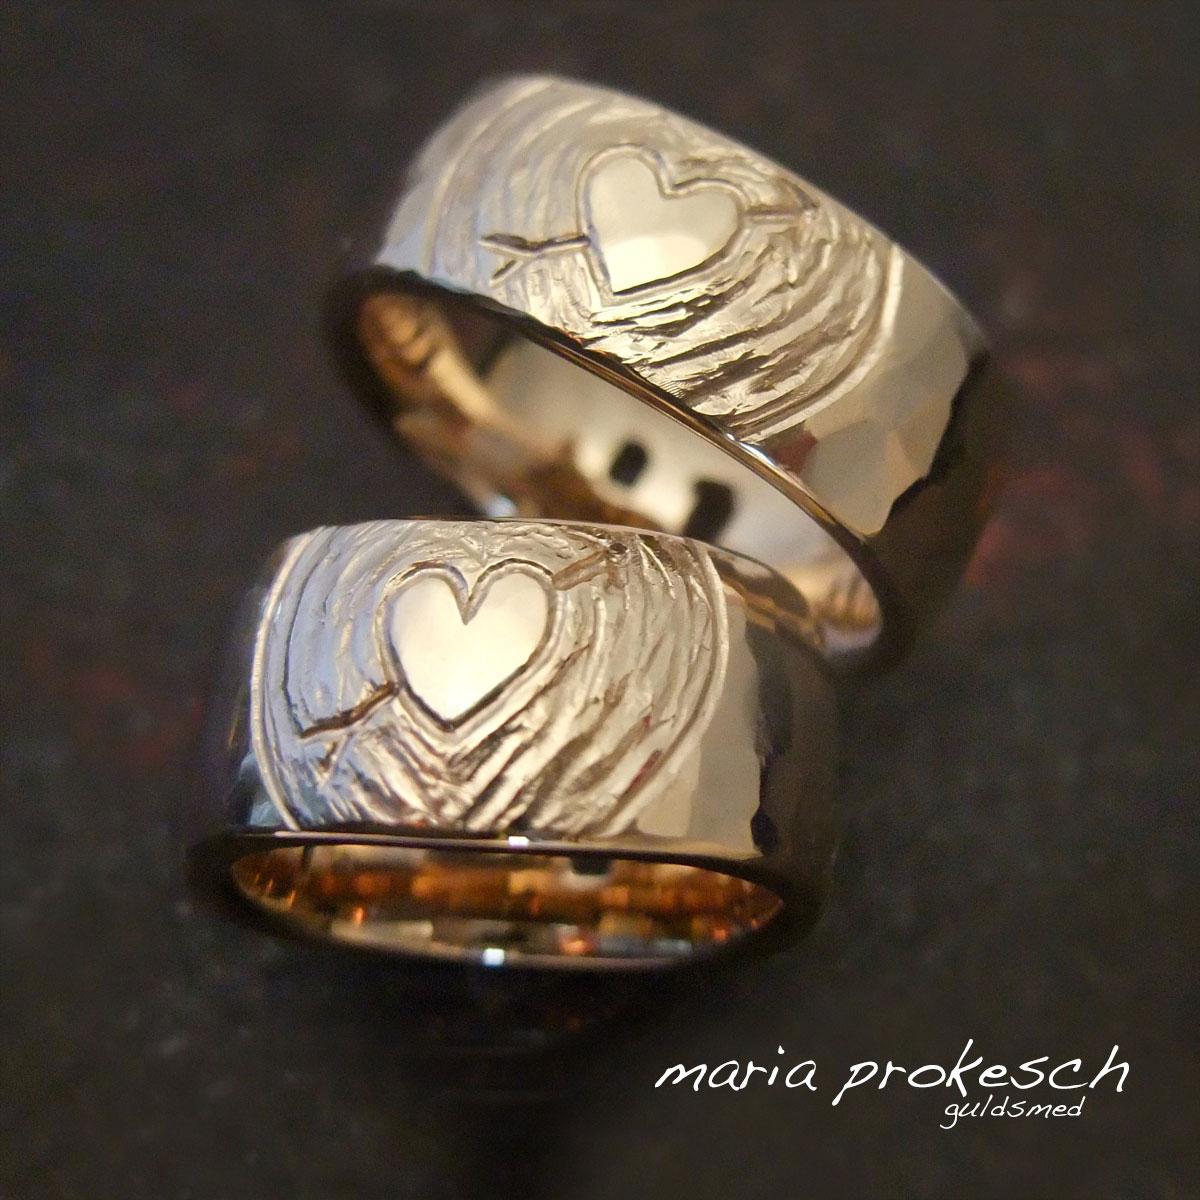 Vielsesringe i 14 kt rødguld, begge med hjerter med personlig amor pil i to rustikke overflader. Kærlighedshistorie som evigt minde i ringene.